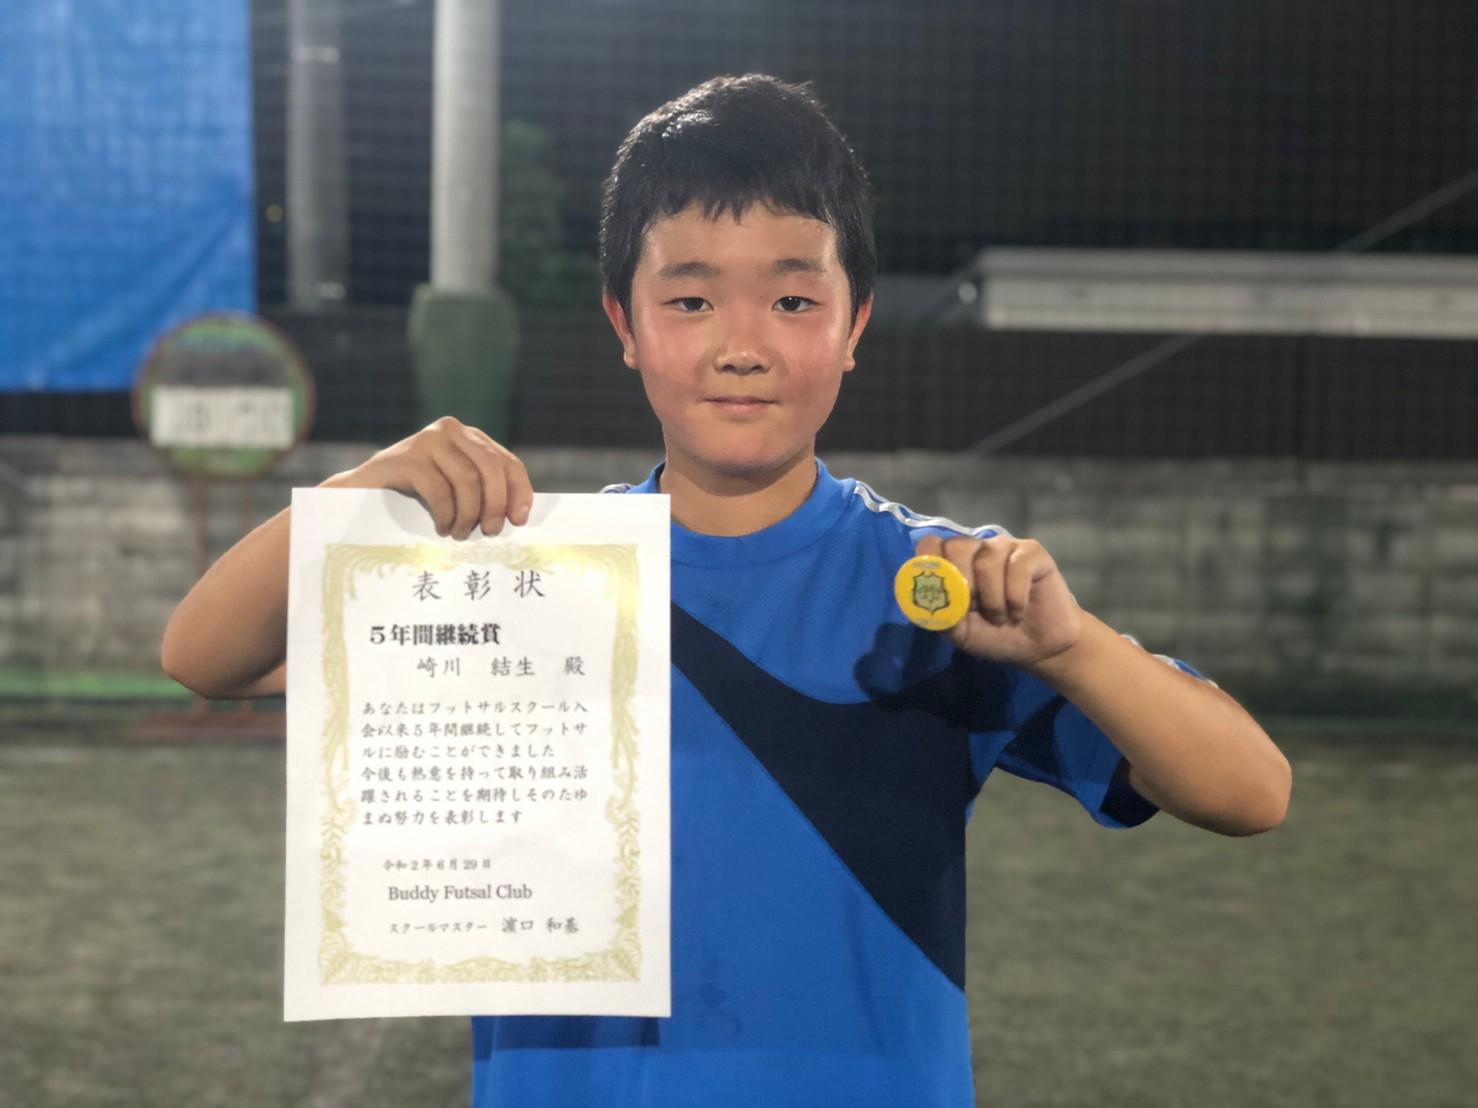 球際でのパワーや、味方へのパスの質も高く、見ていて勉強になるプレーをたくさんしてくれています!